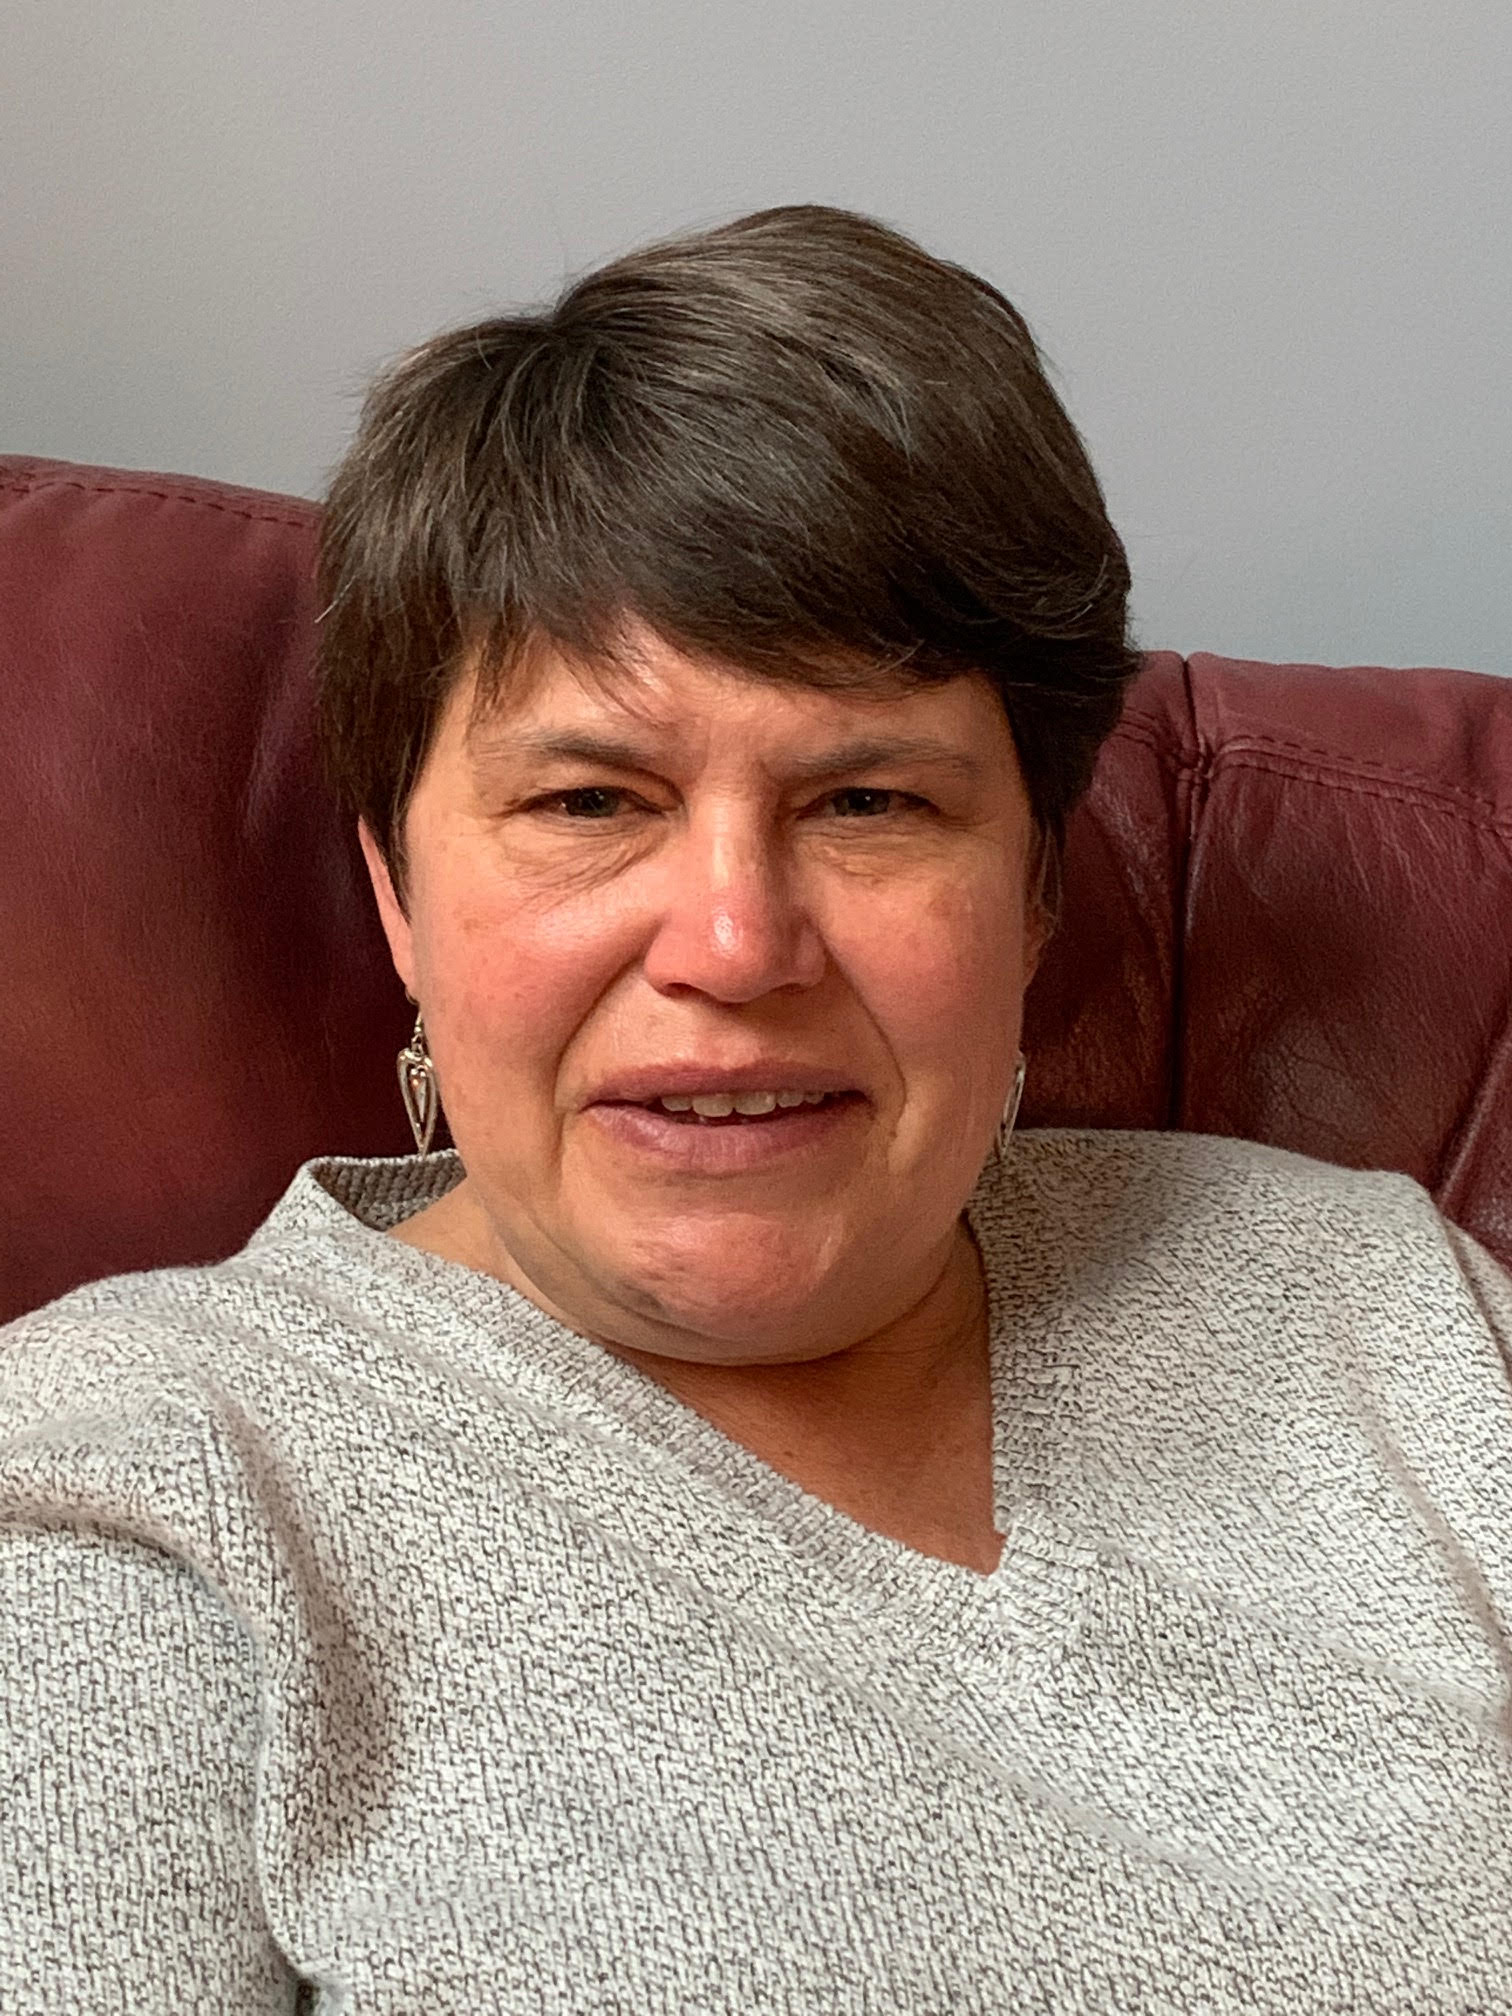 Lisa Tissue, Minister of Children